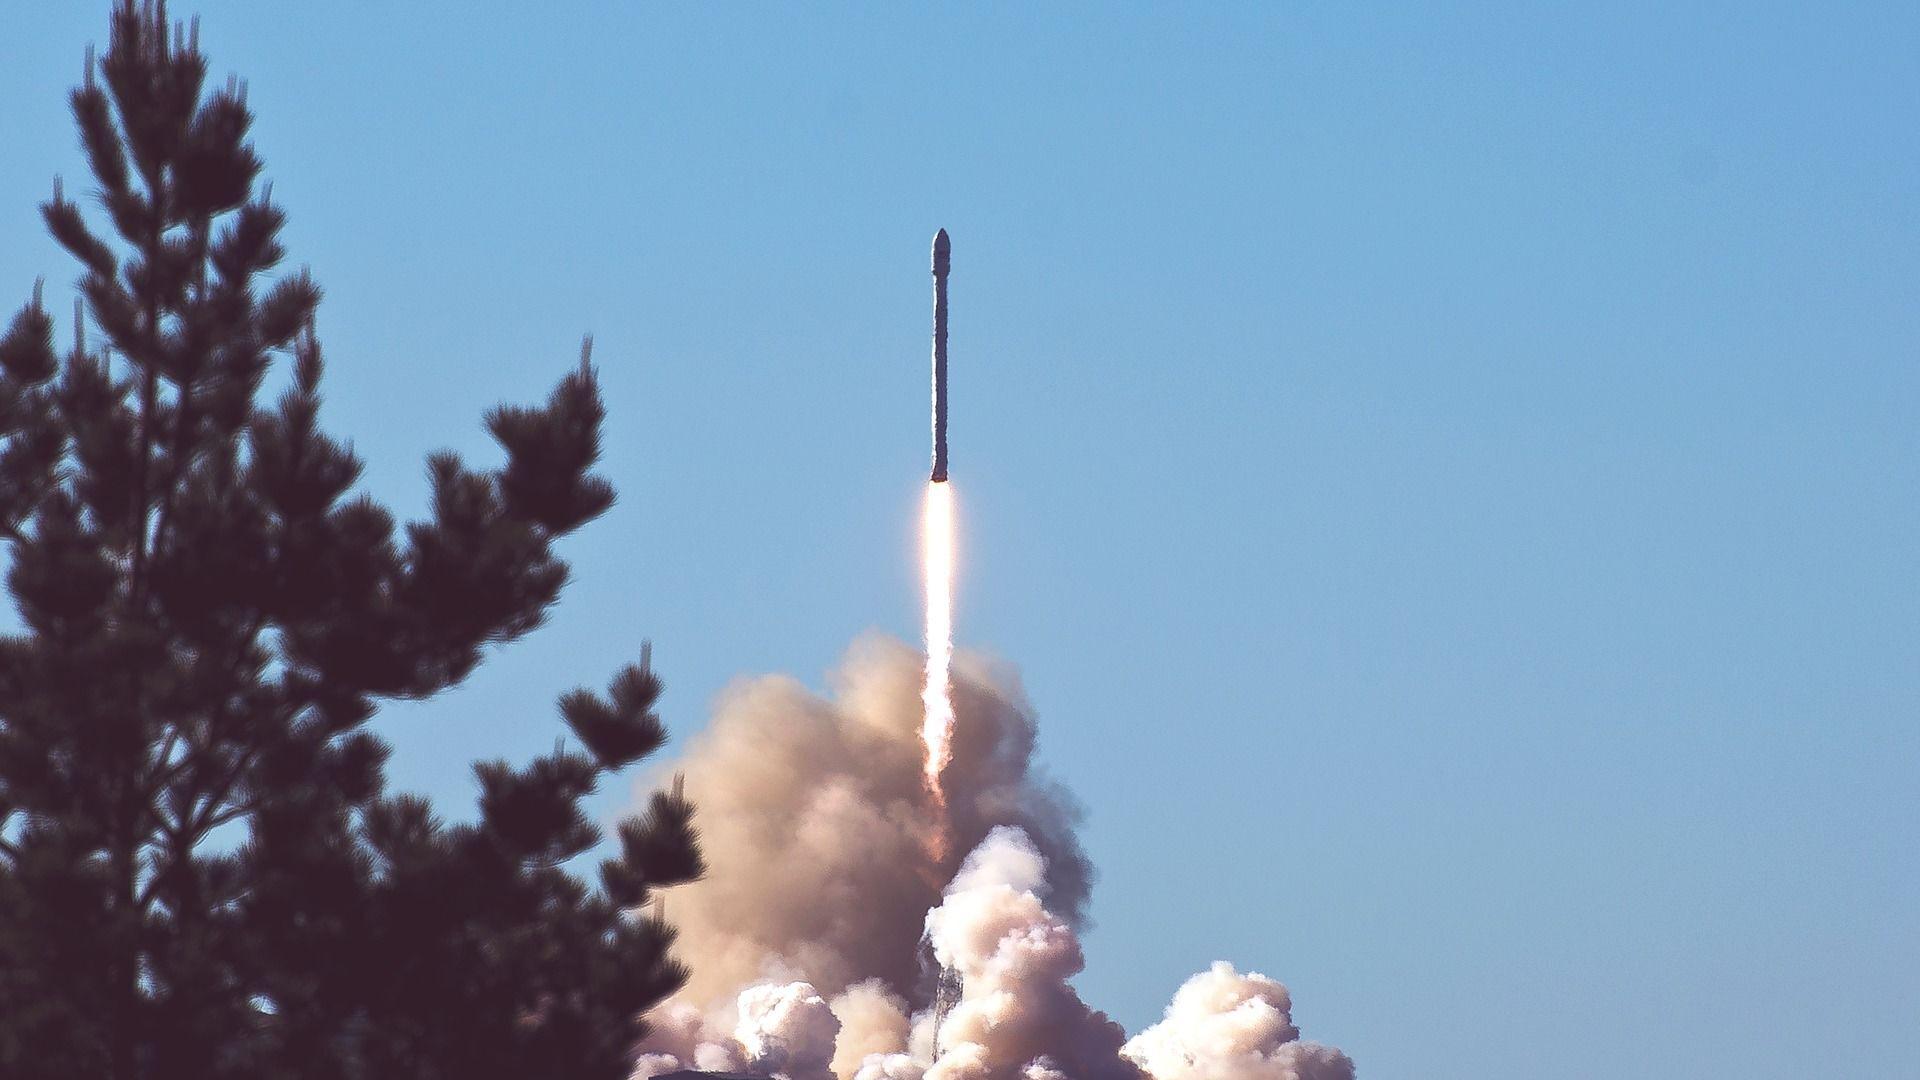 Lanzamiento de un misil. Imagen referencial - Sputnik Mundo, 1920, 17.02.2021